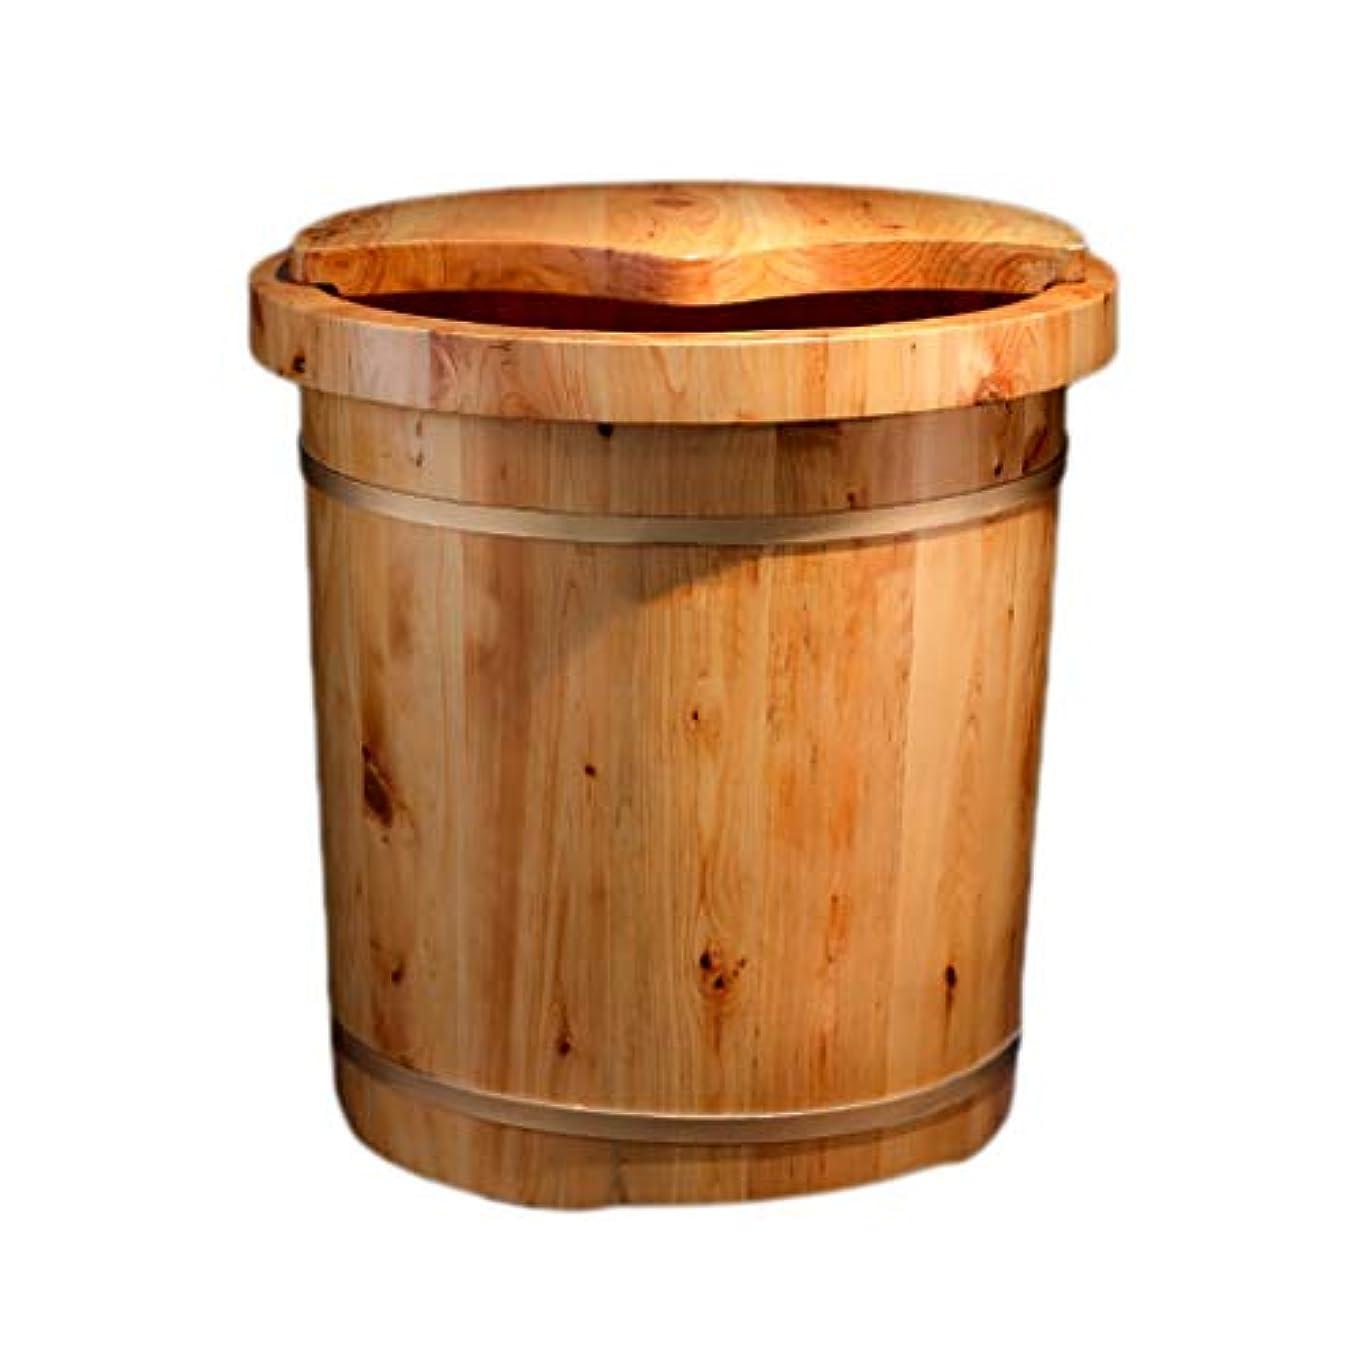 電池あえぎ接続NUBAOgy 足浴槽、カバー断熱材で作られた大人のマッサージ足浴槽バレル杉ペディキュアバレル高くすること、ウッドカラー、41×40×32センチ